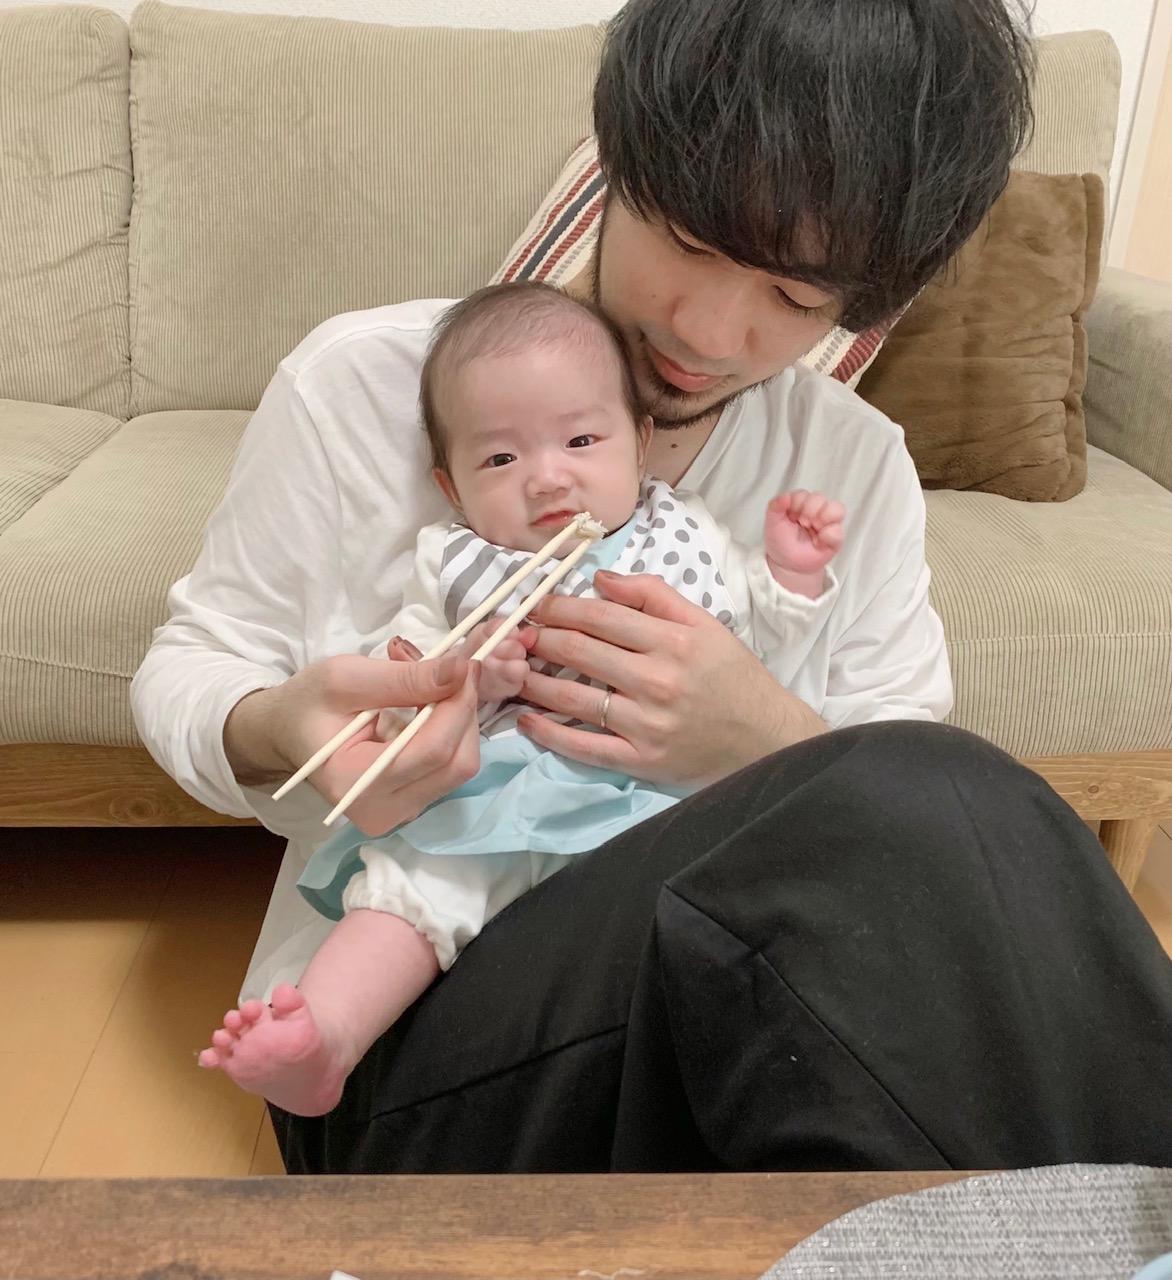 吉田学さん 僕たちの子育て